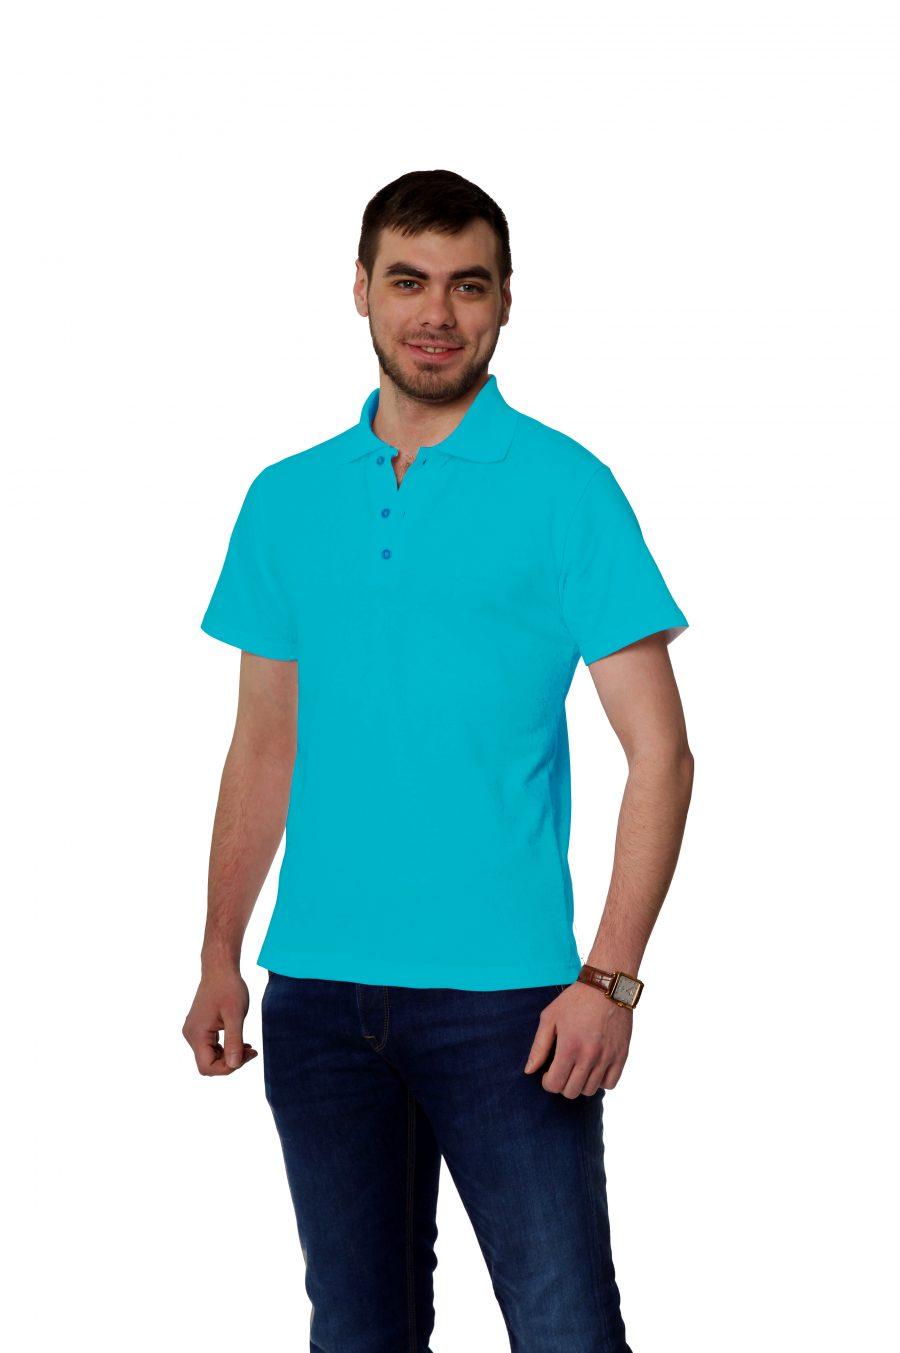 Рубашка-поло KANO MP бирюзовая купить оптом,